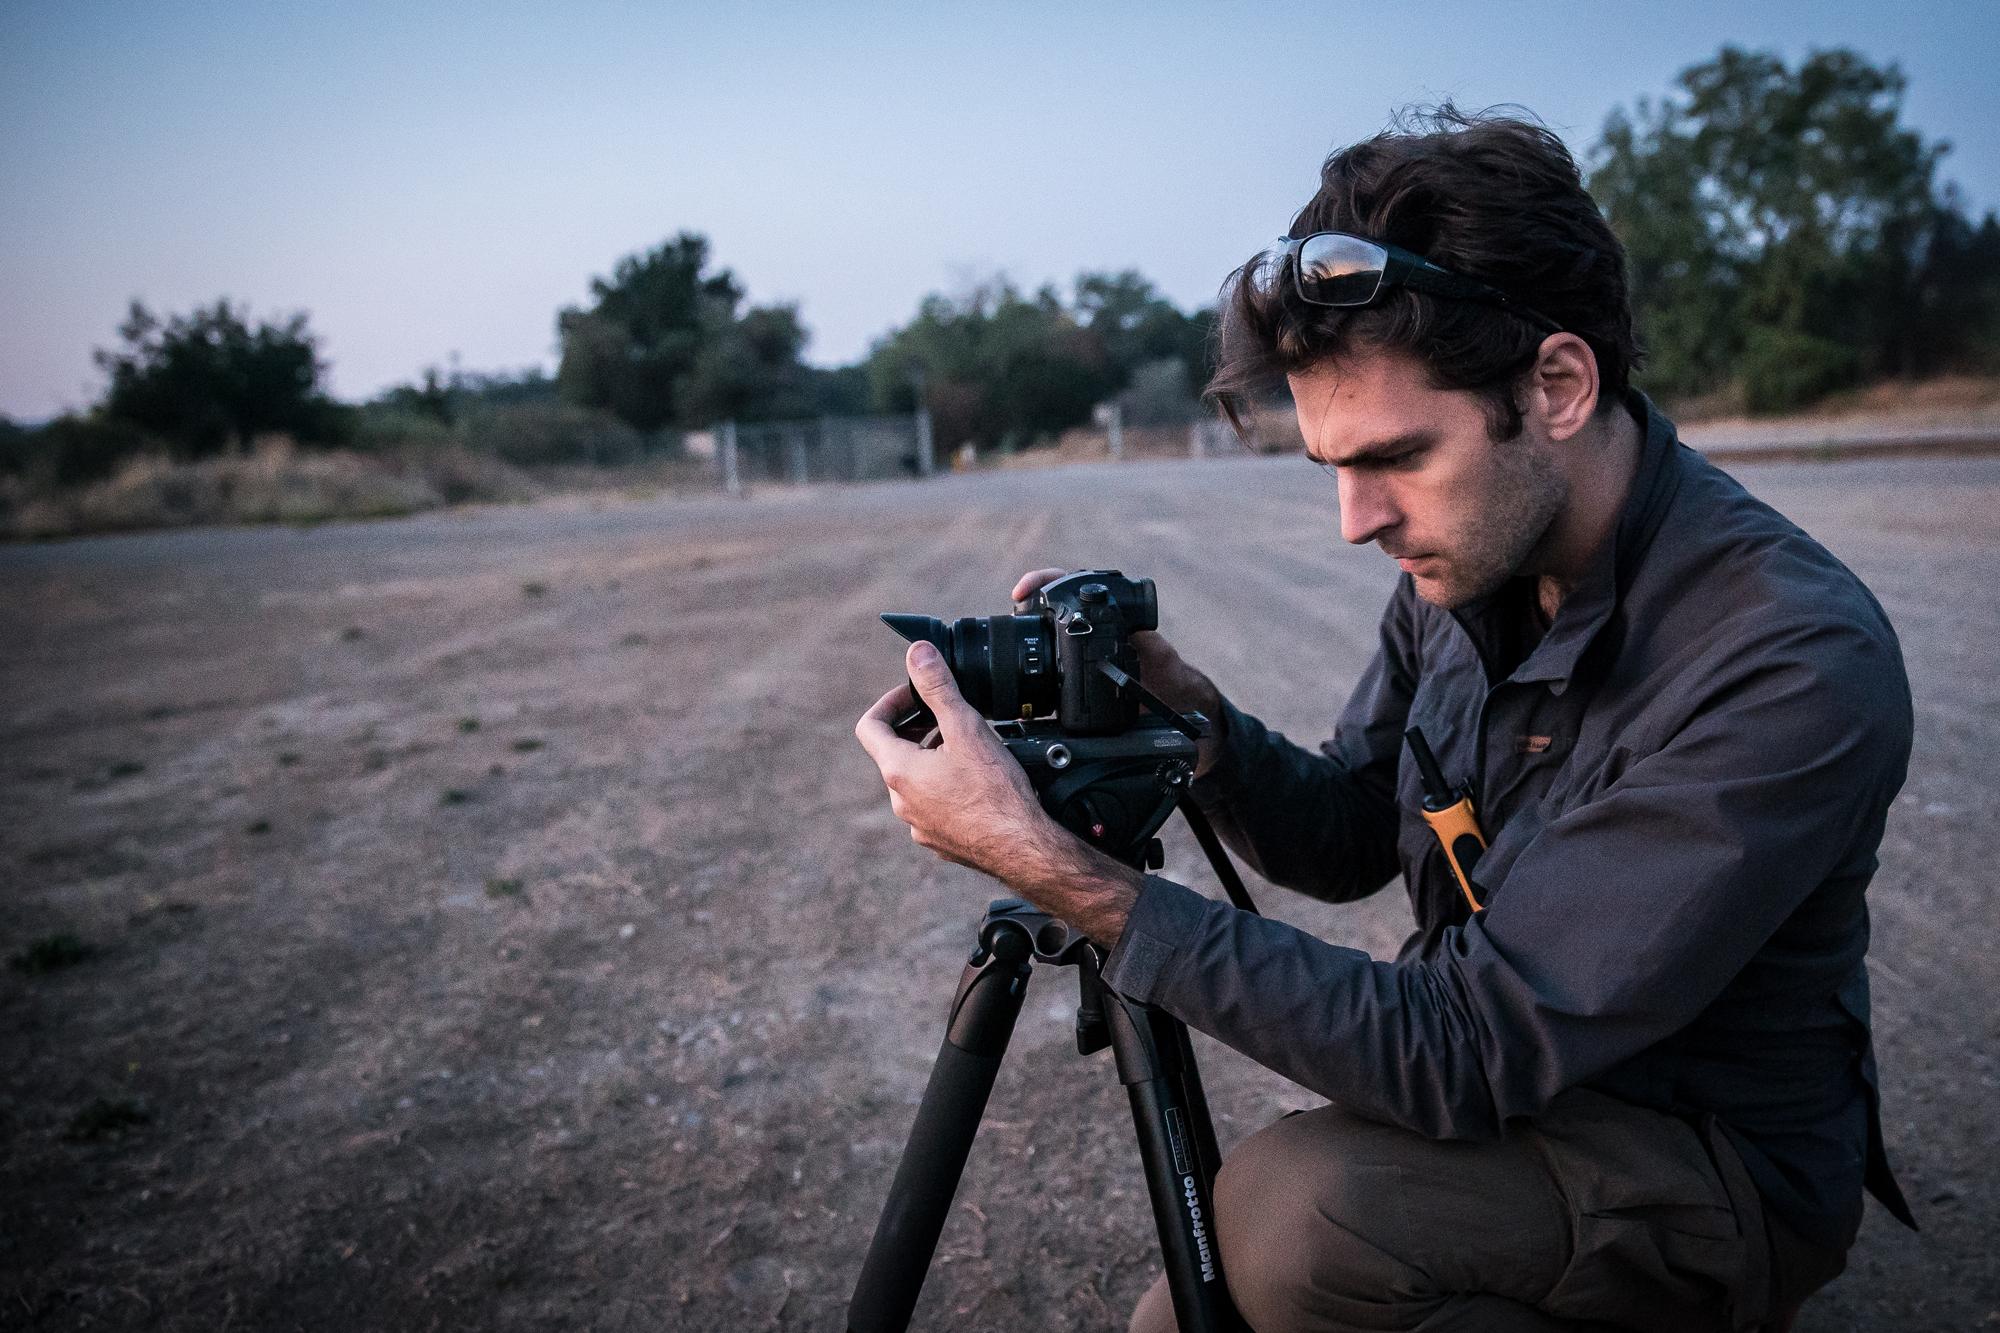 Ben Sherlock filming in Australian outback